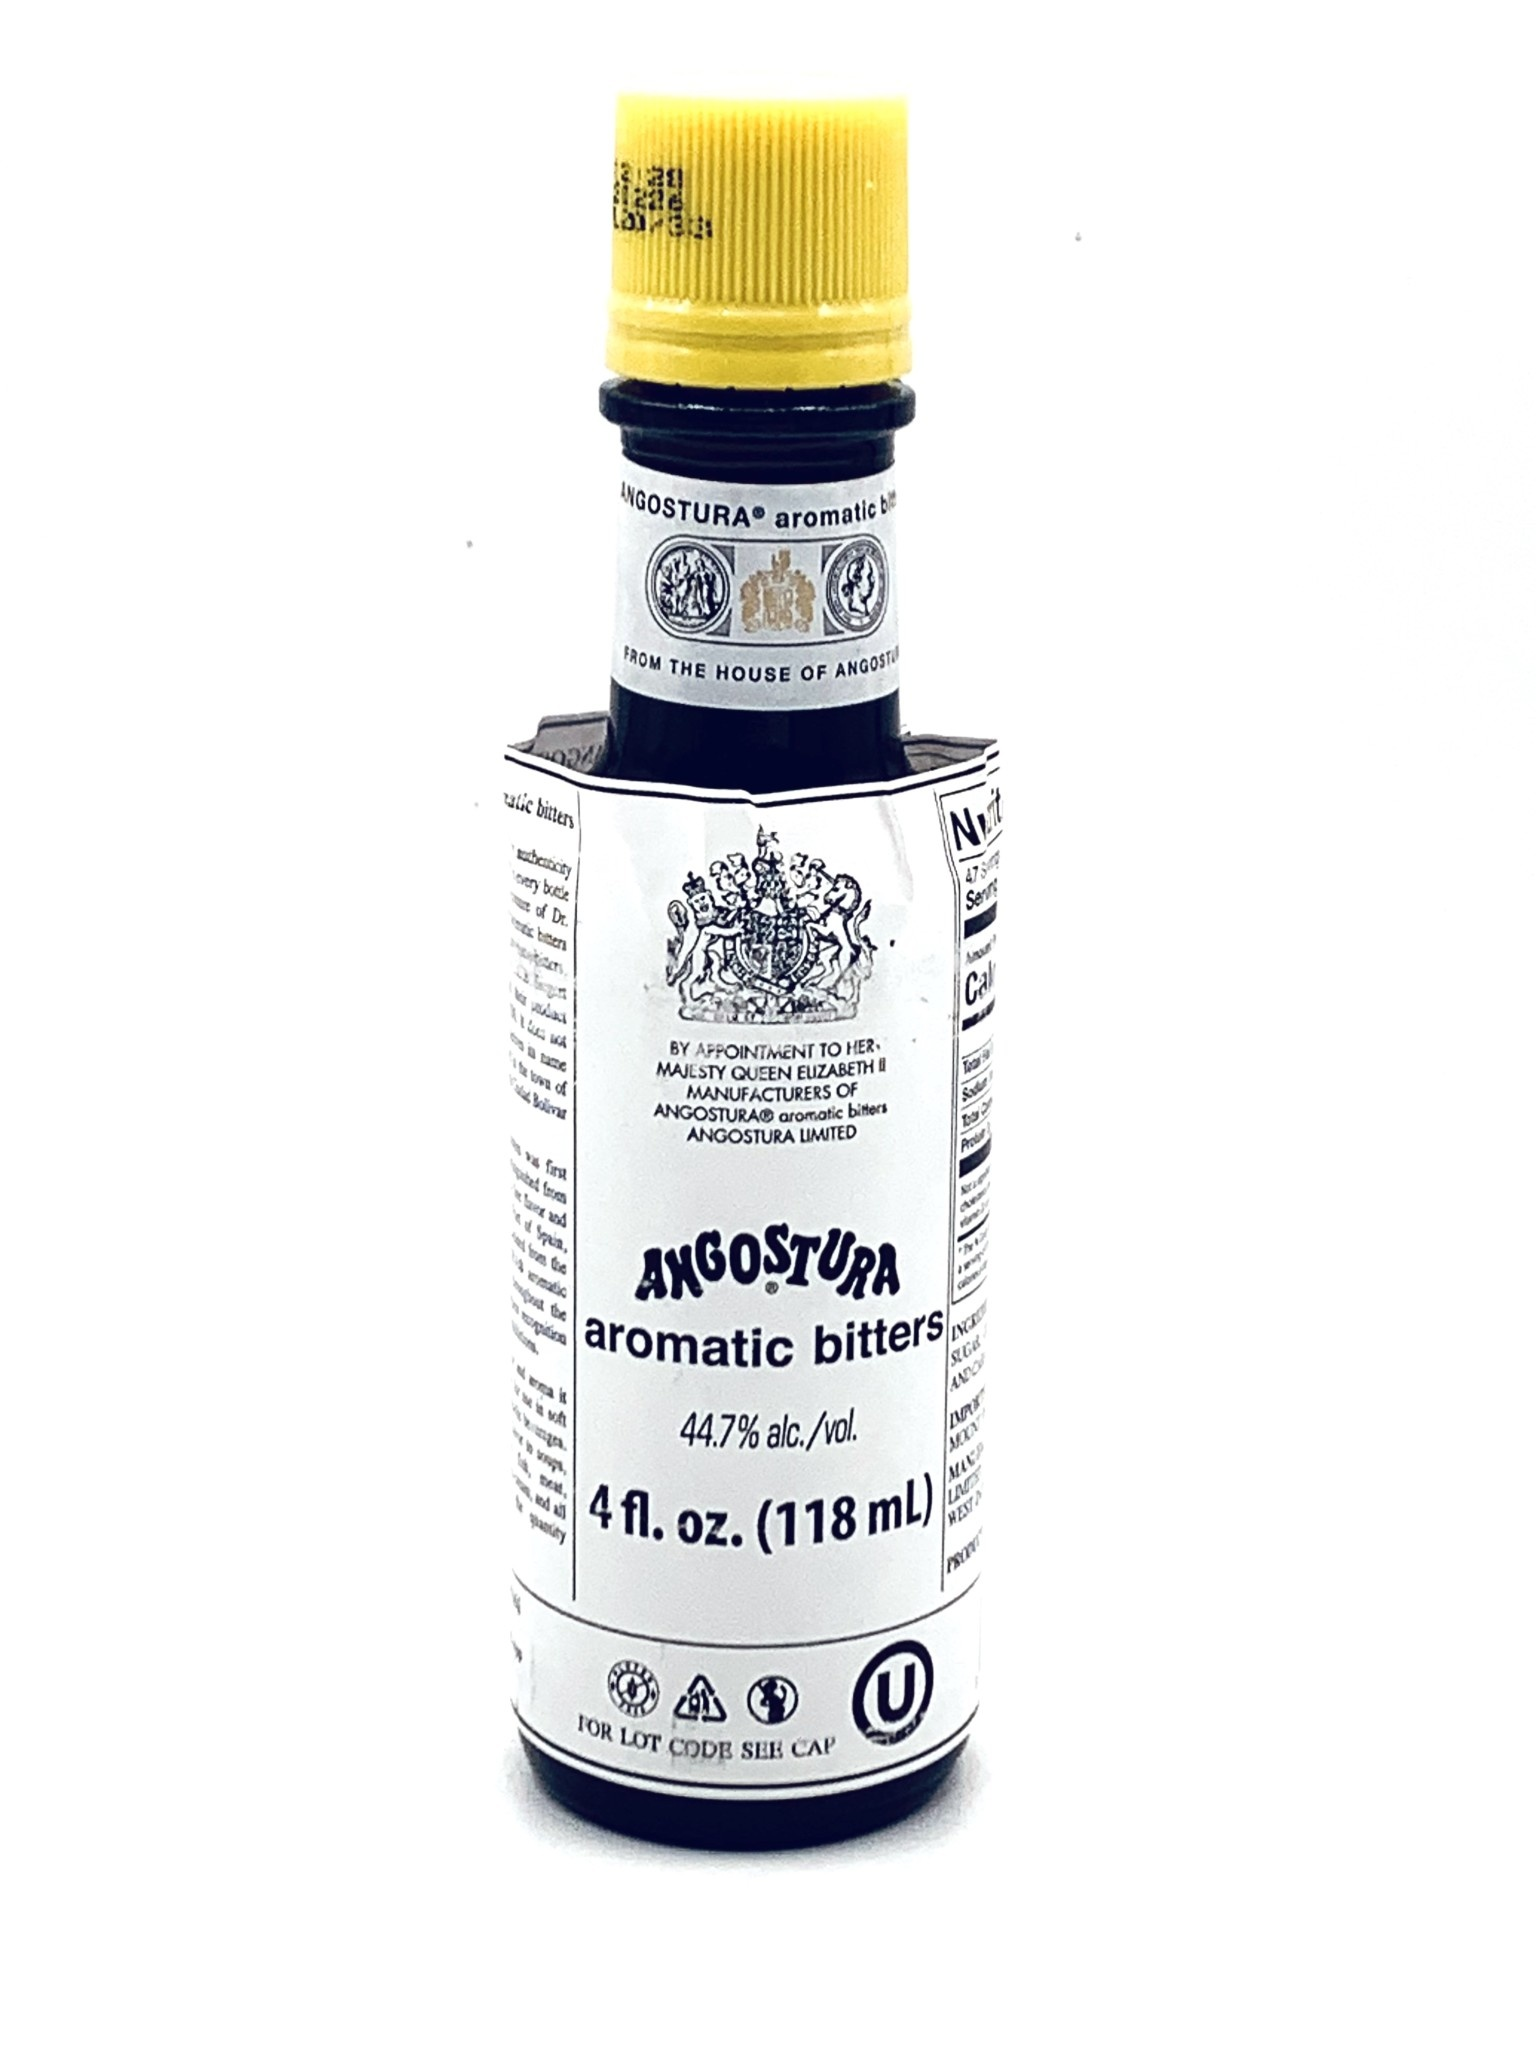 Angostura Aromatic Bitters  118ml (44.7% Alc)